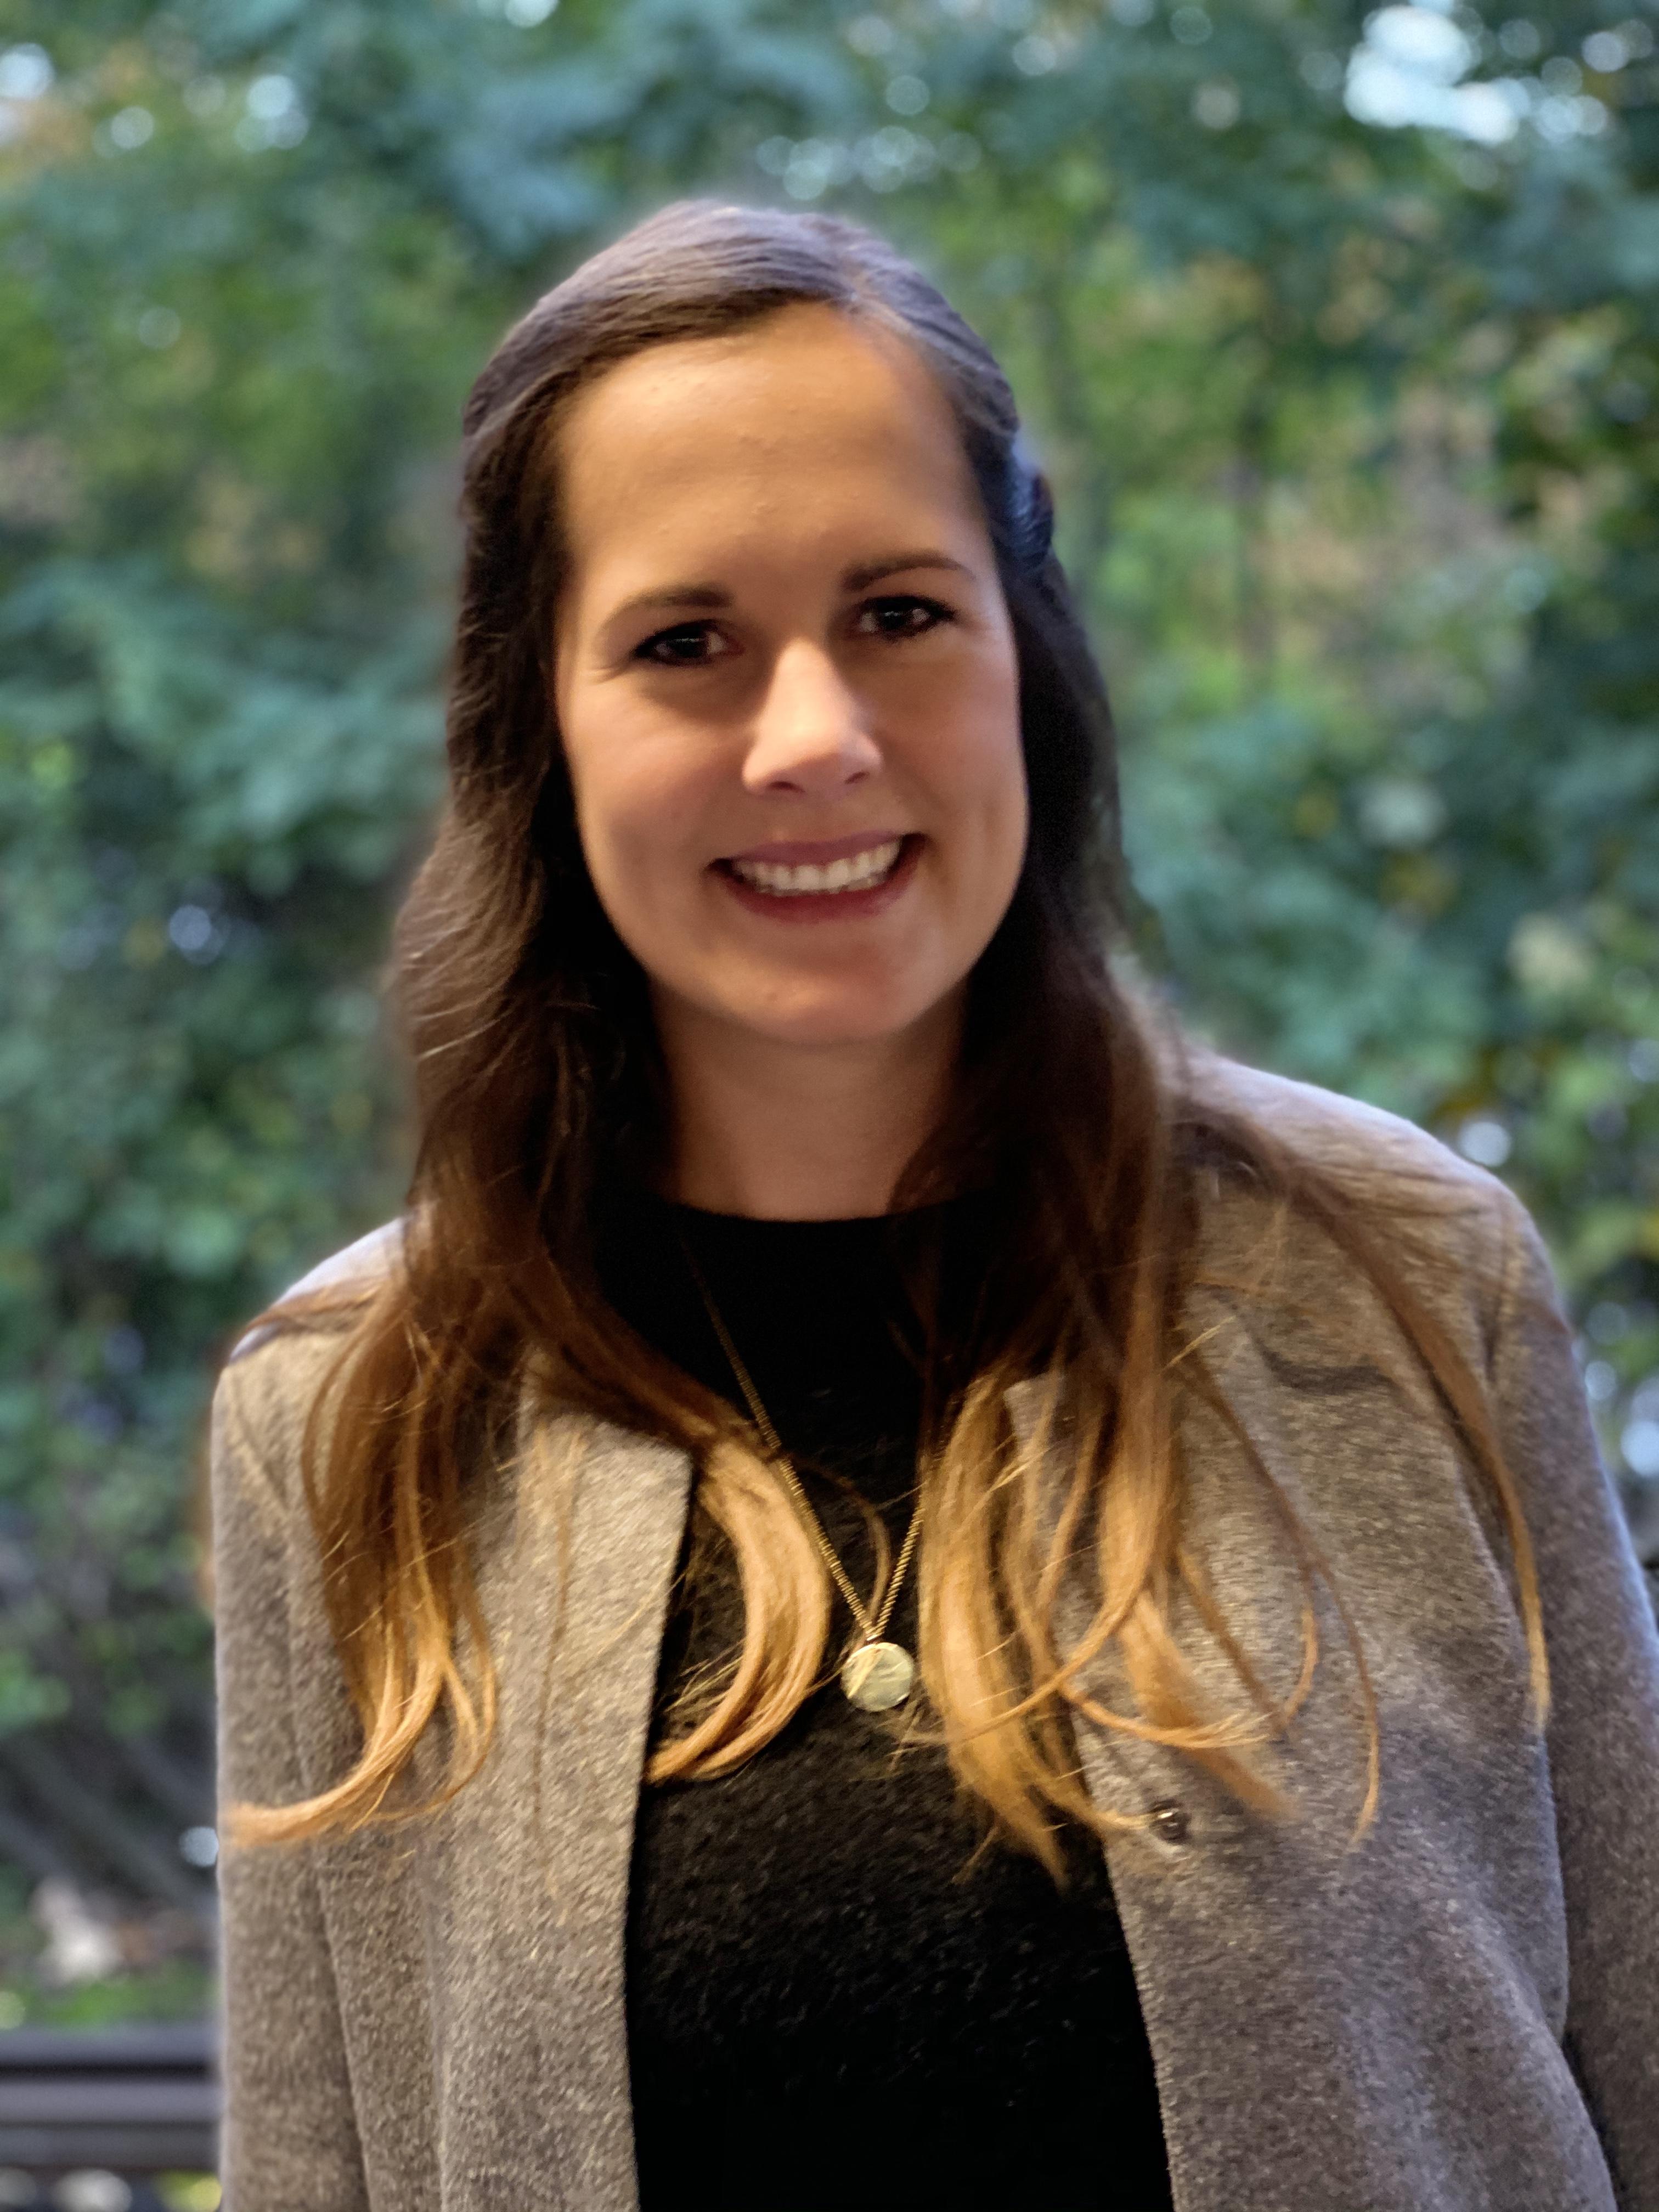 Antonia Leder